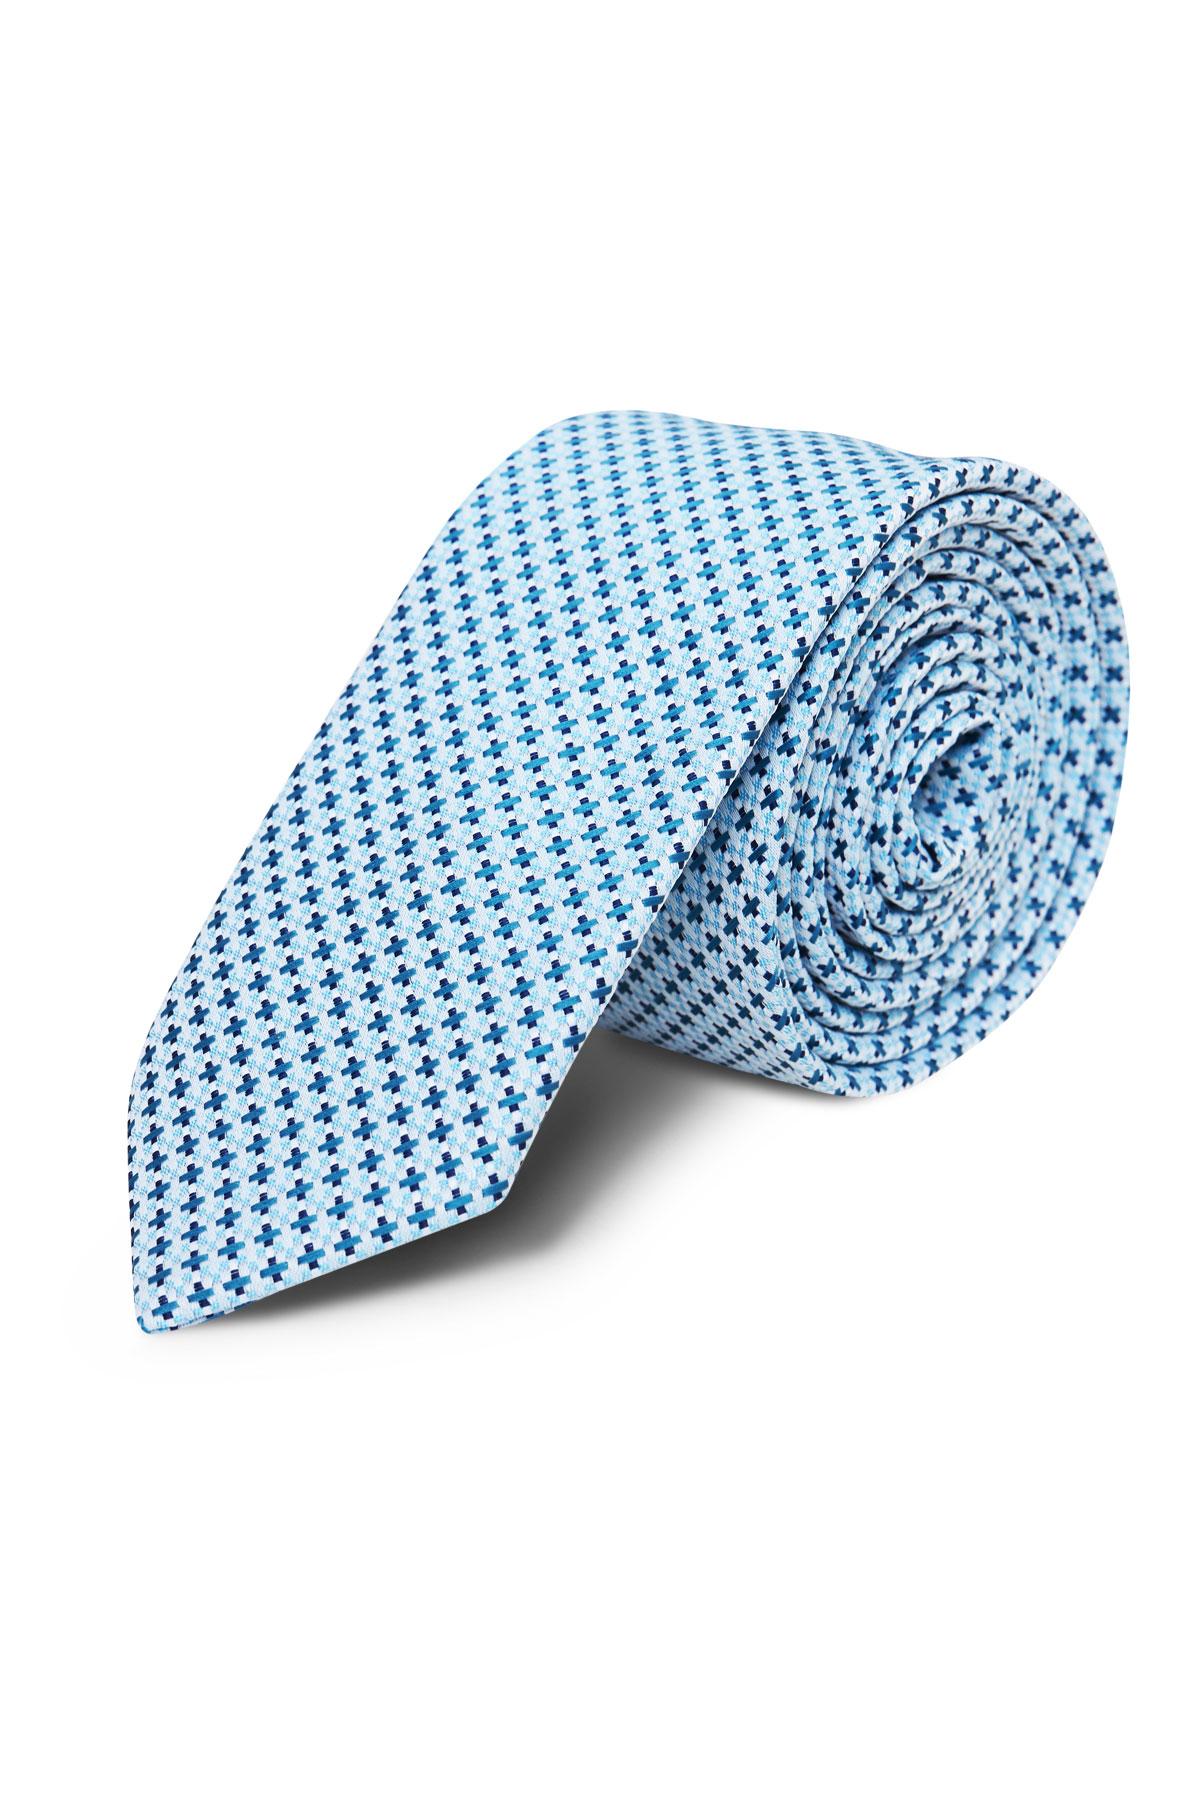 Галстук голубой текстурный 18-03-36